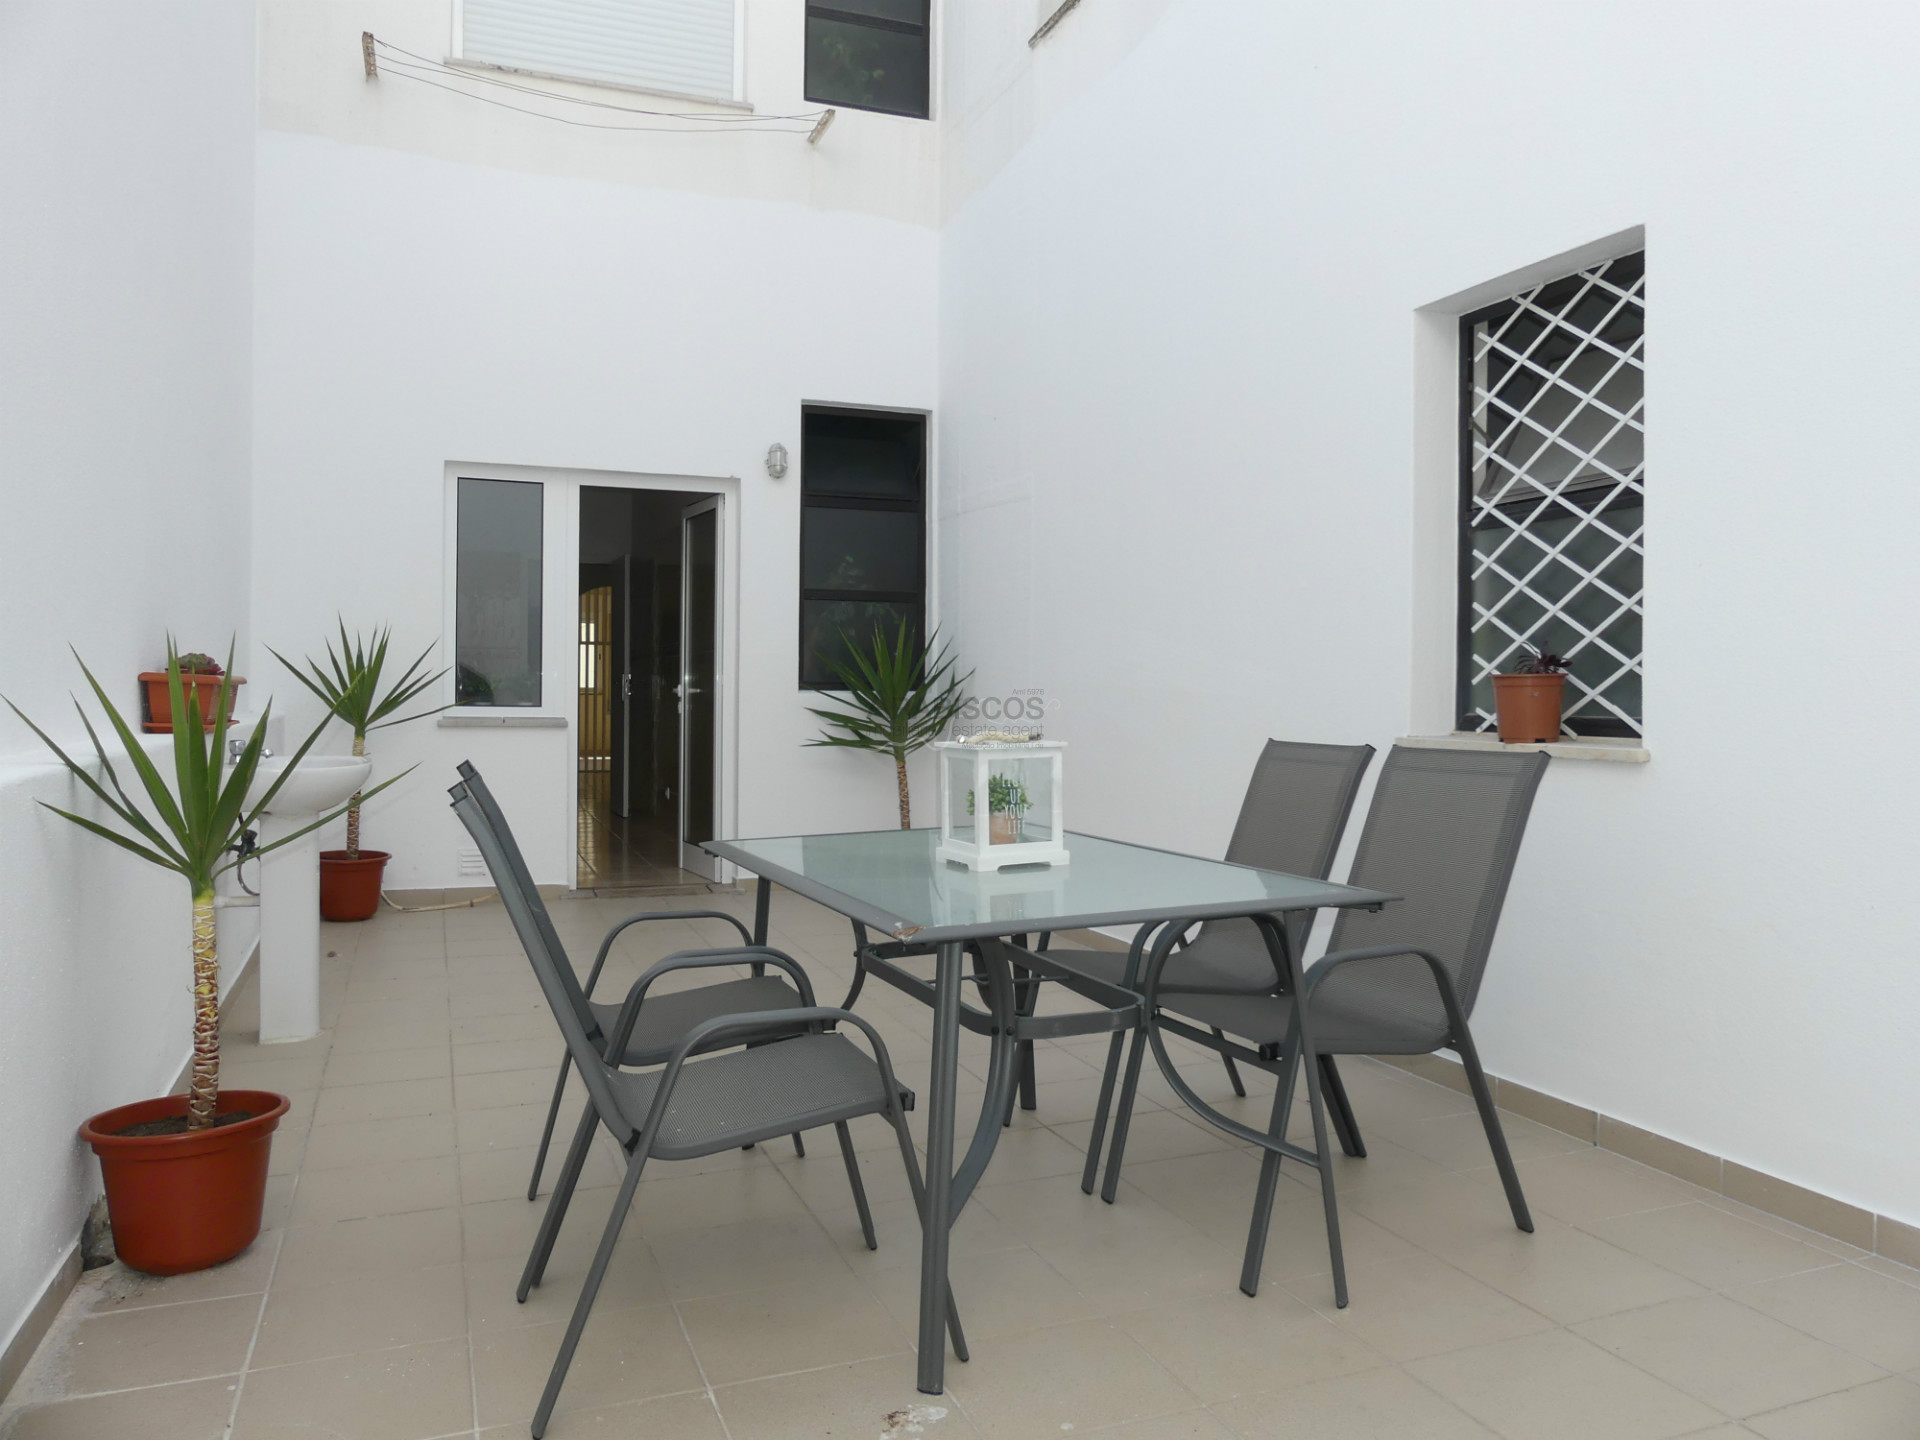 Appartamento T2 - Appartamento con cortile - Portimão Center